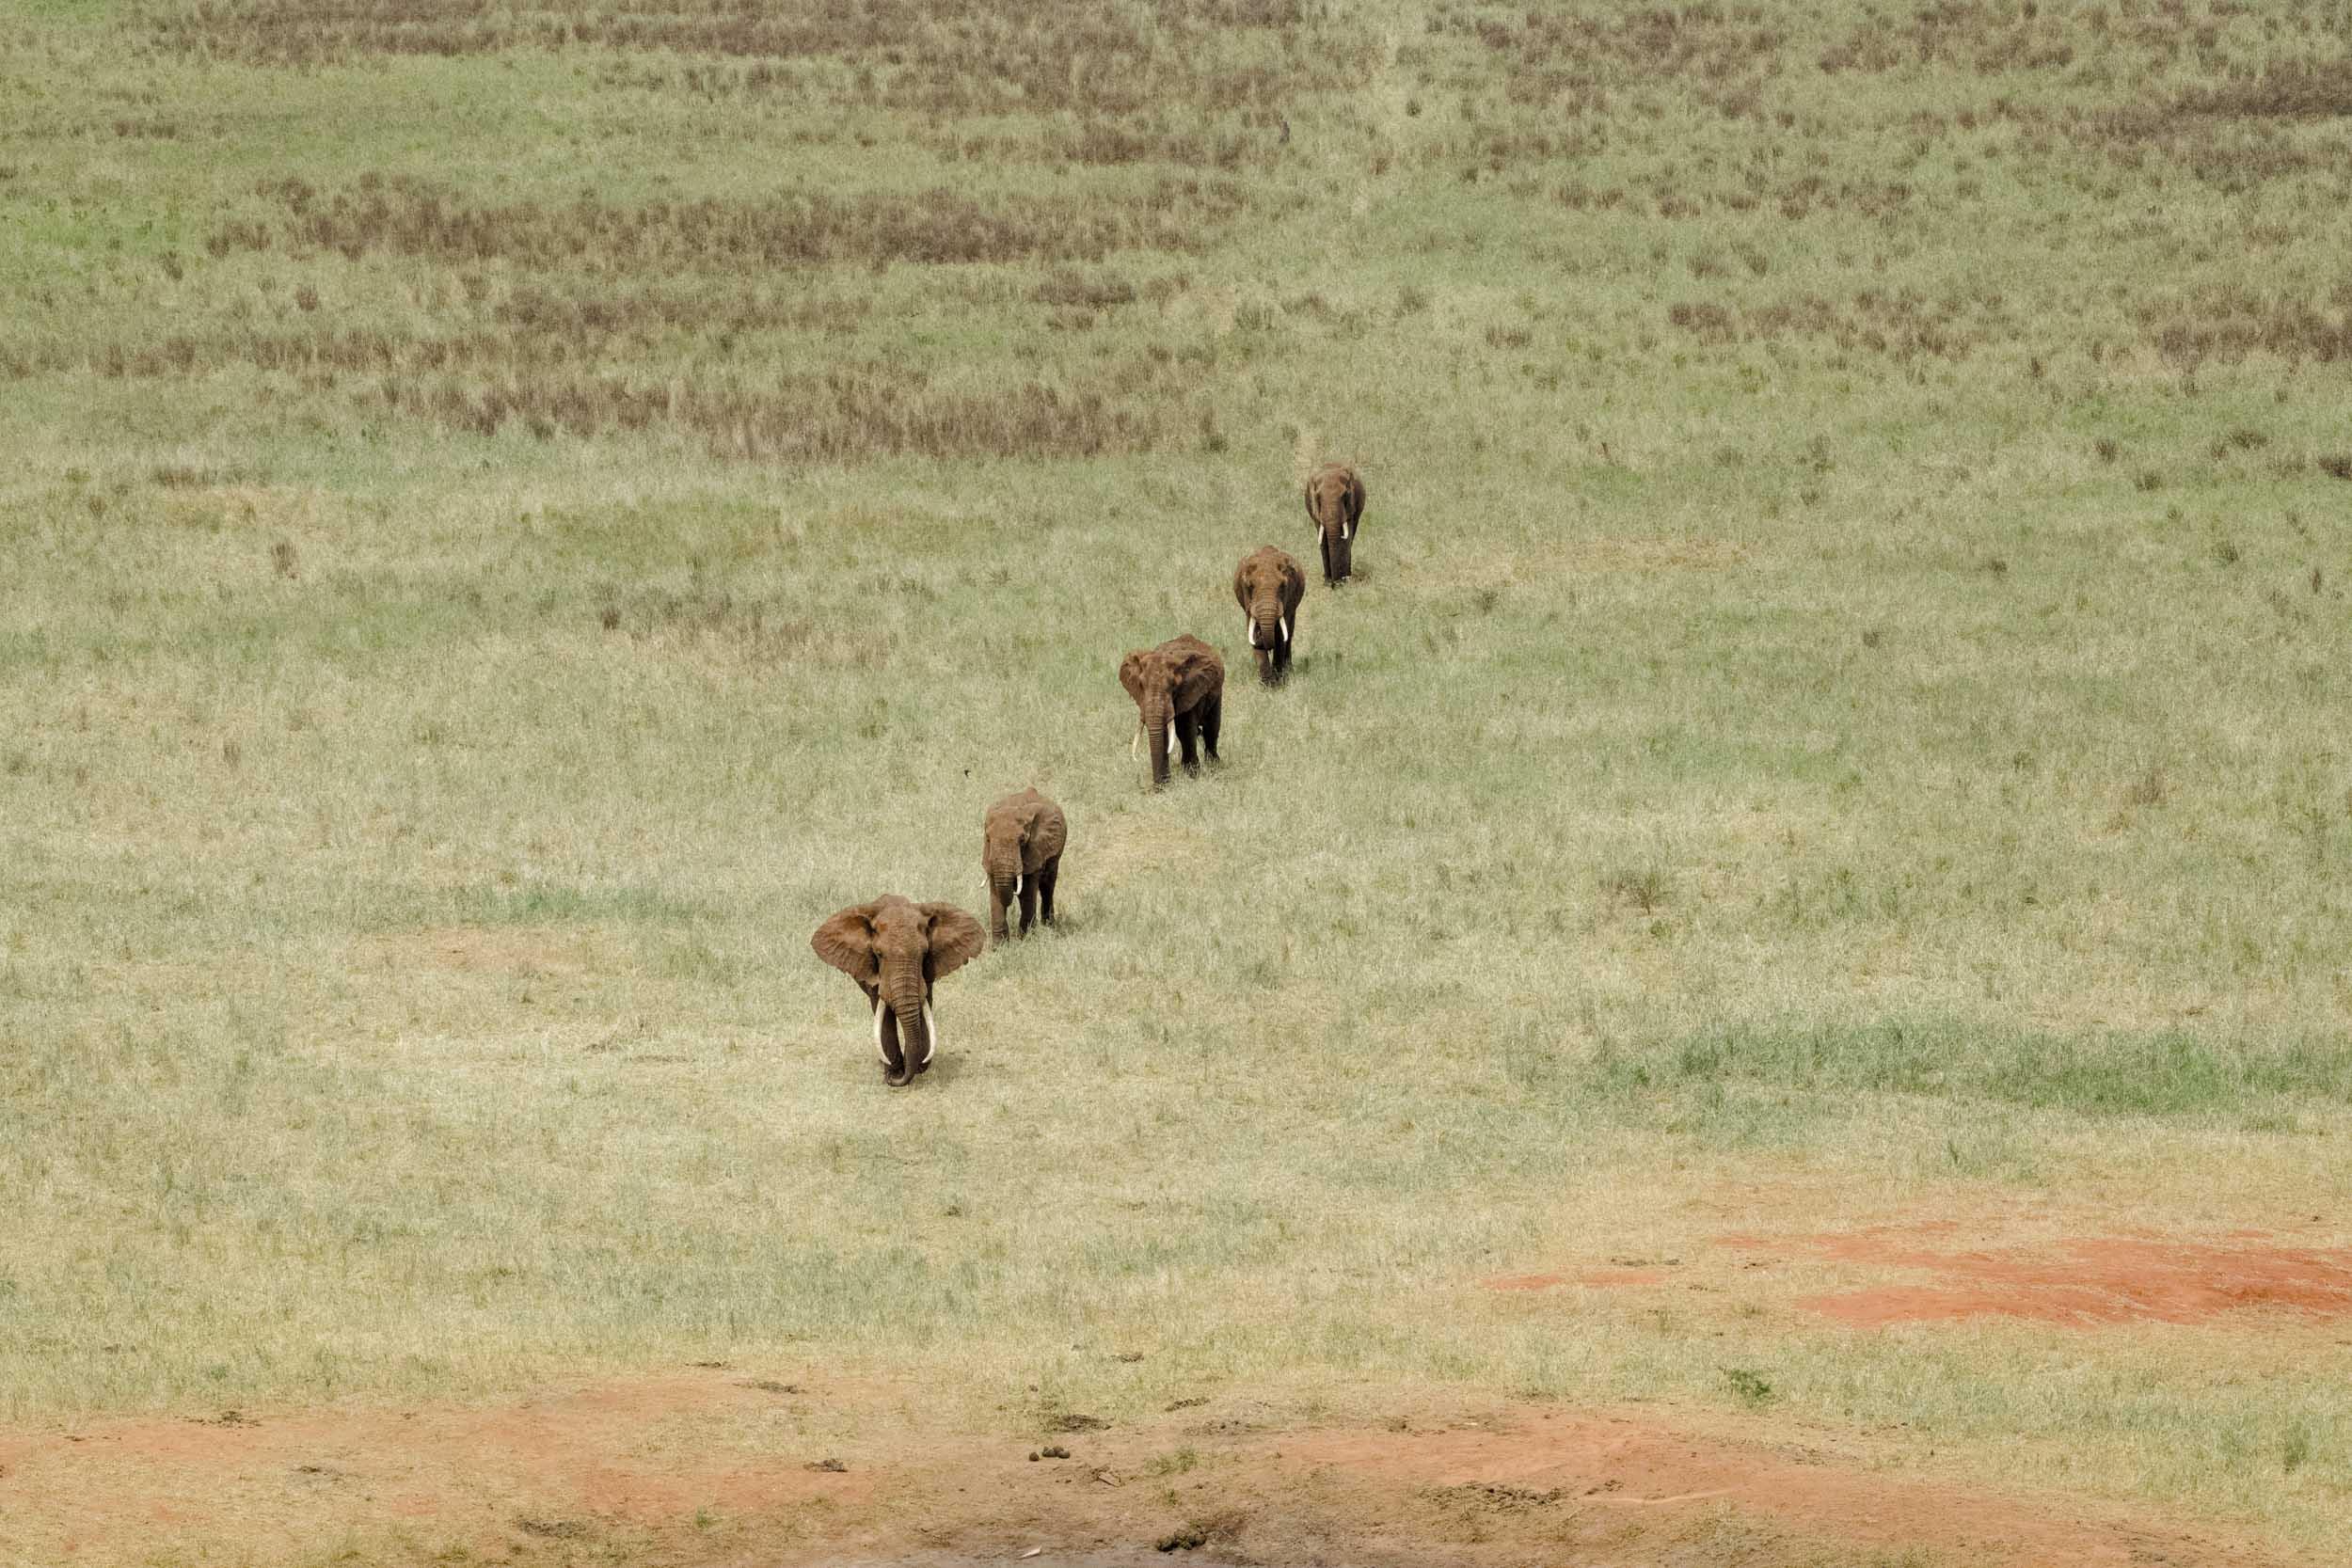 Eleplant herd family African savannah diagonal line.jpg